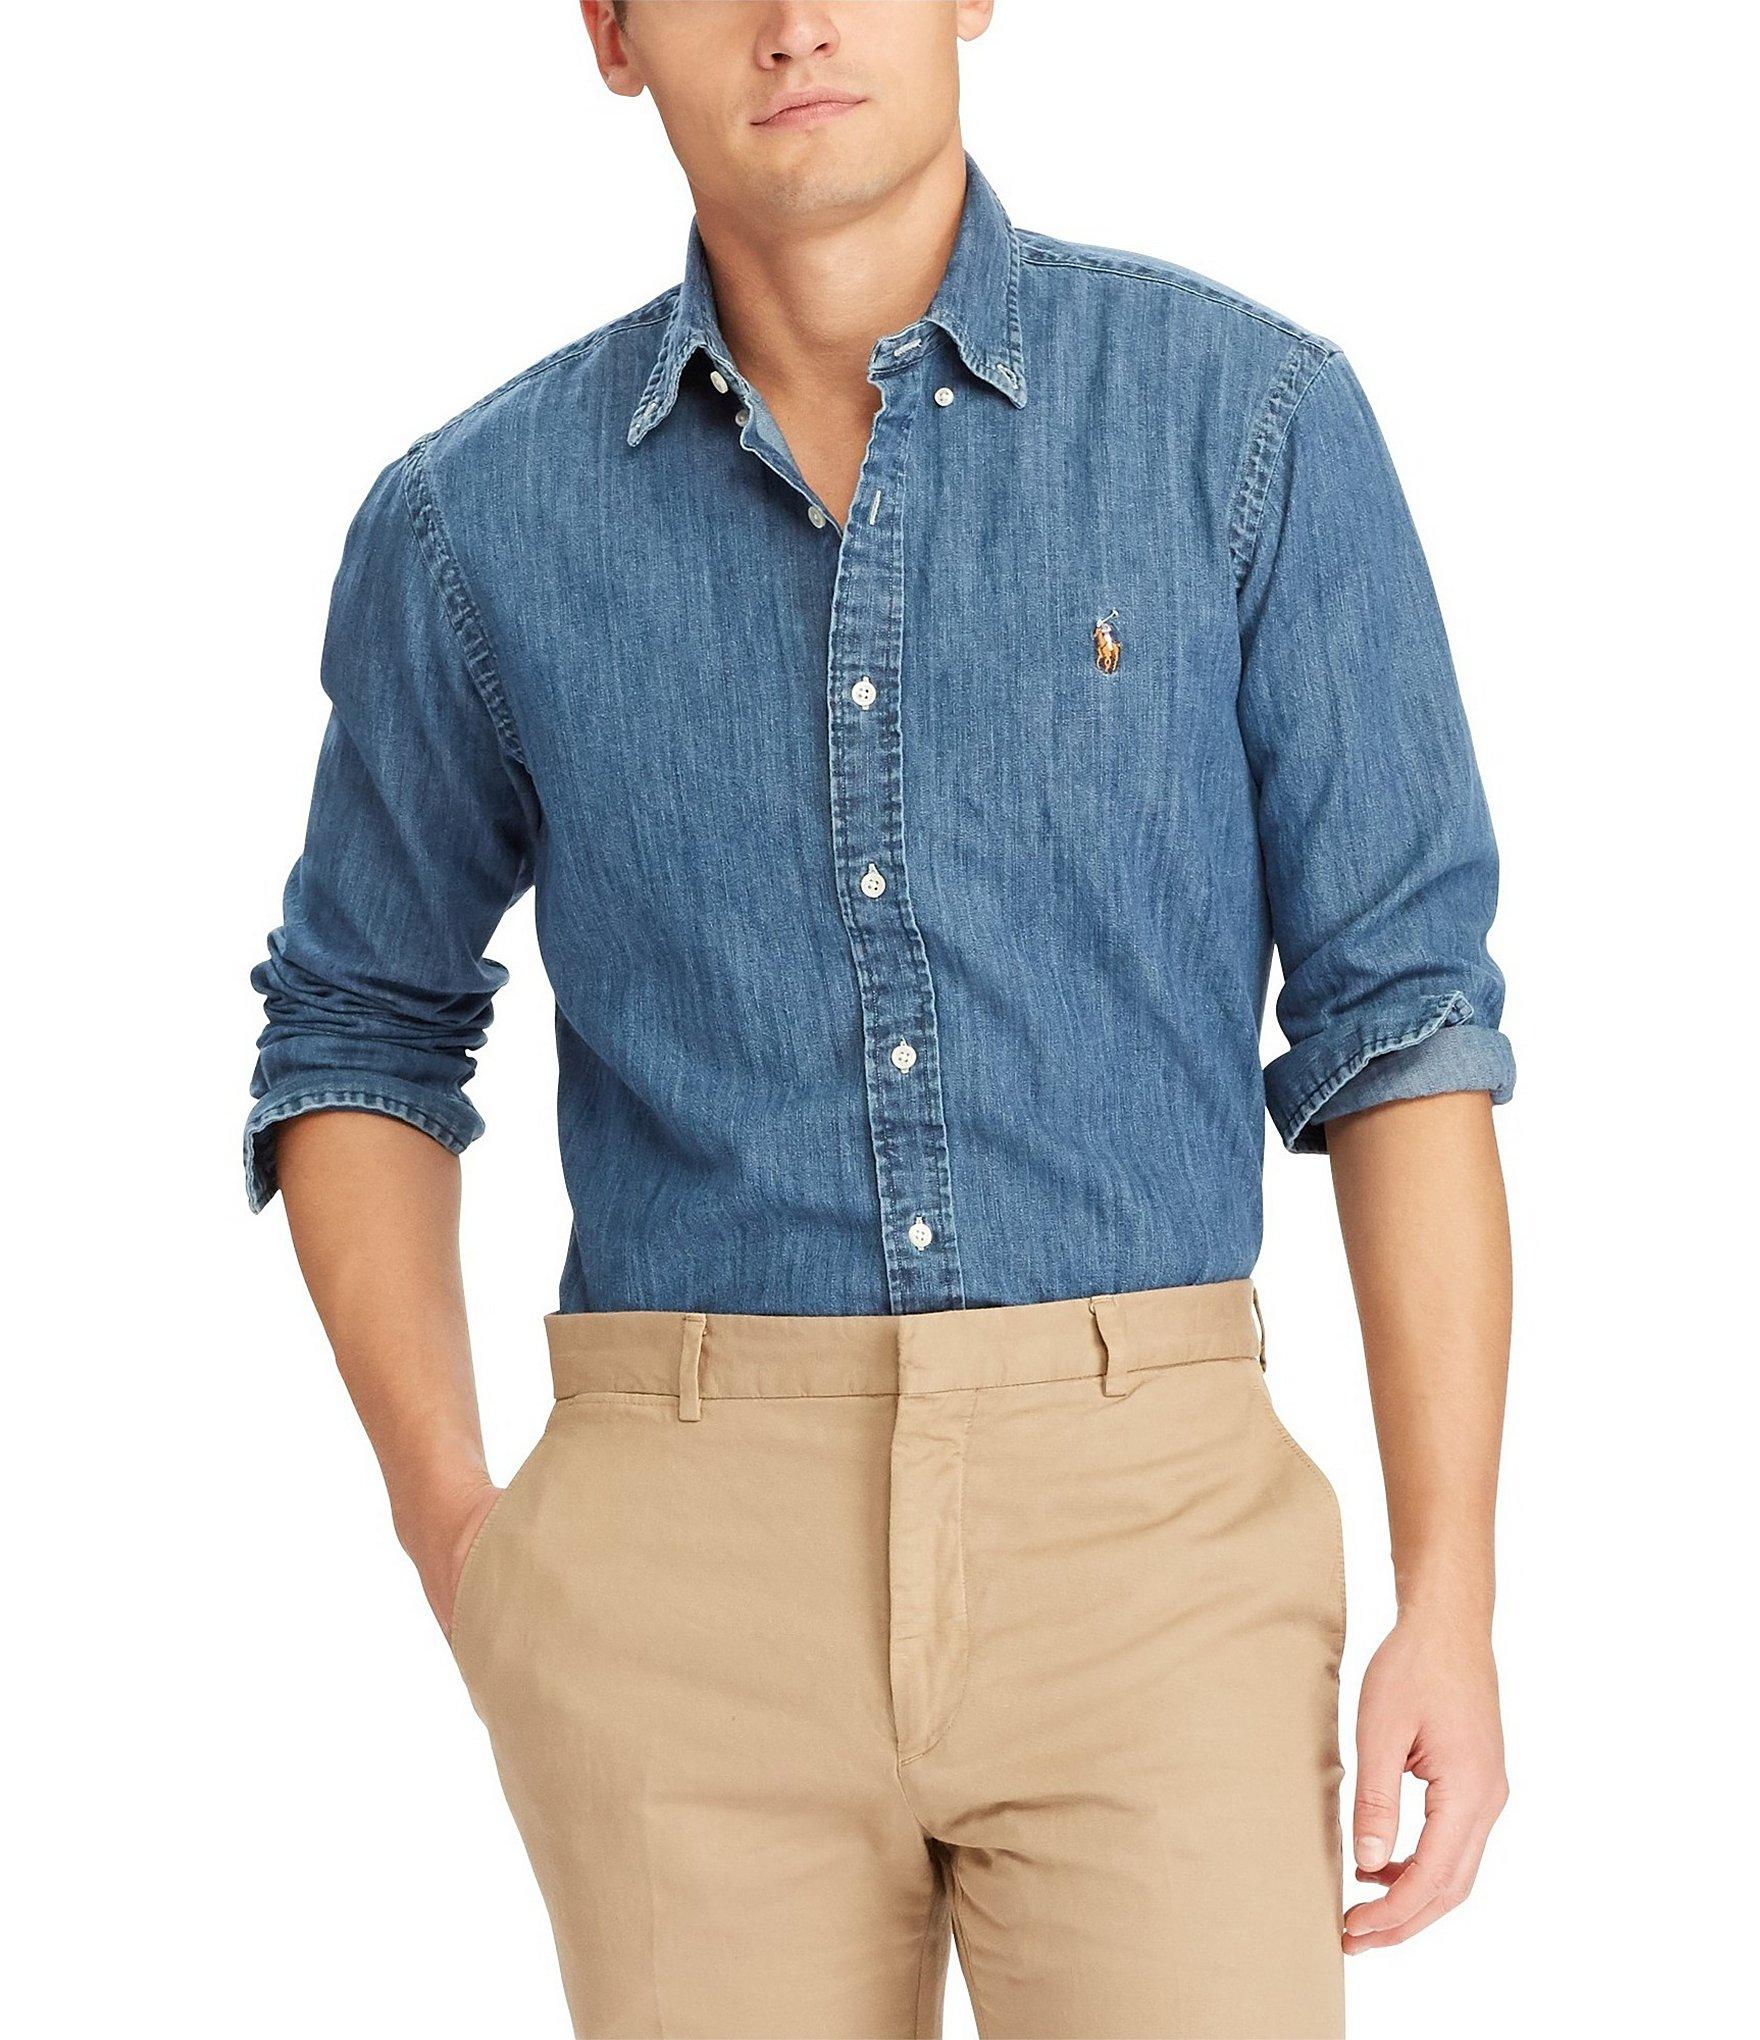 Ralph Lauren Polo Shirt For Women